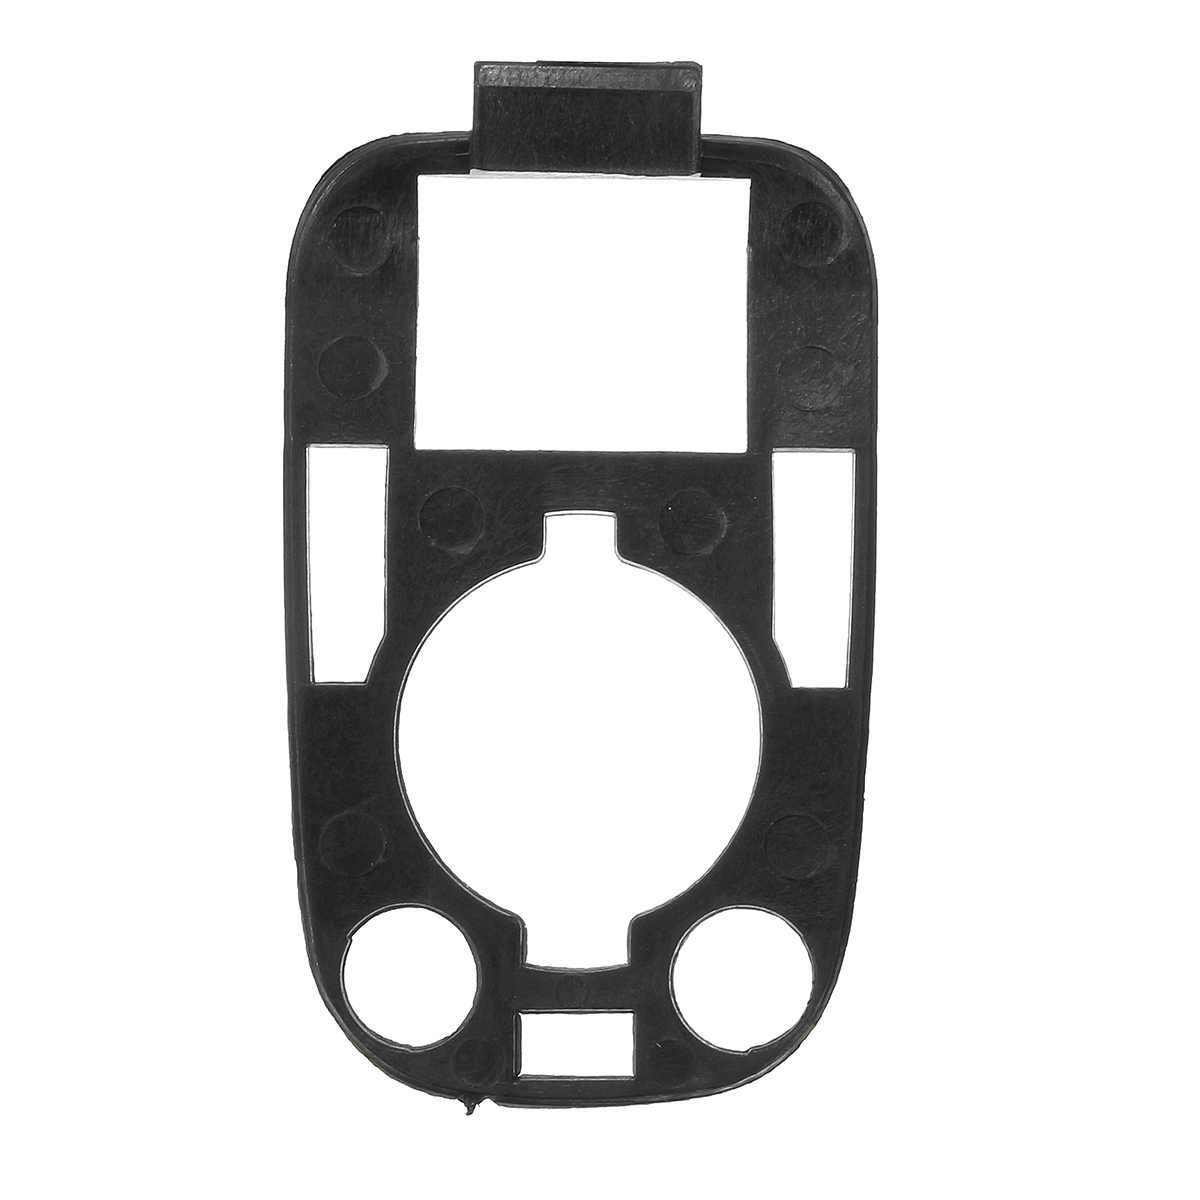 Czarny L & R klamka pokrywa zamka Cap Case tapicerka z uszczelką w/uszczelki dla PEUGEOT 307 dla CITROEN C2 C3 03-09 ochronna pokrywa zamka